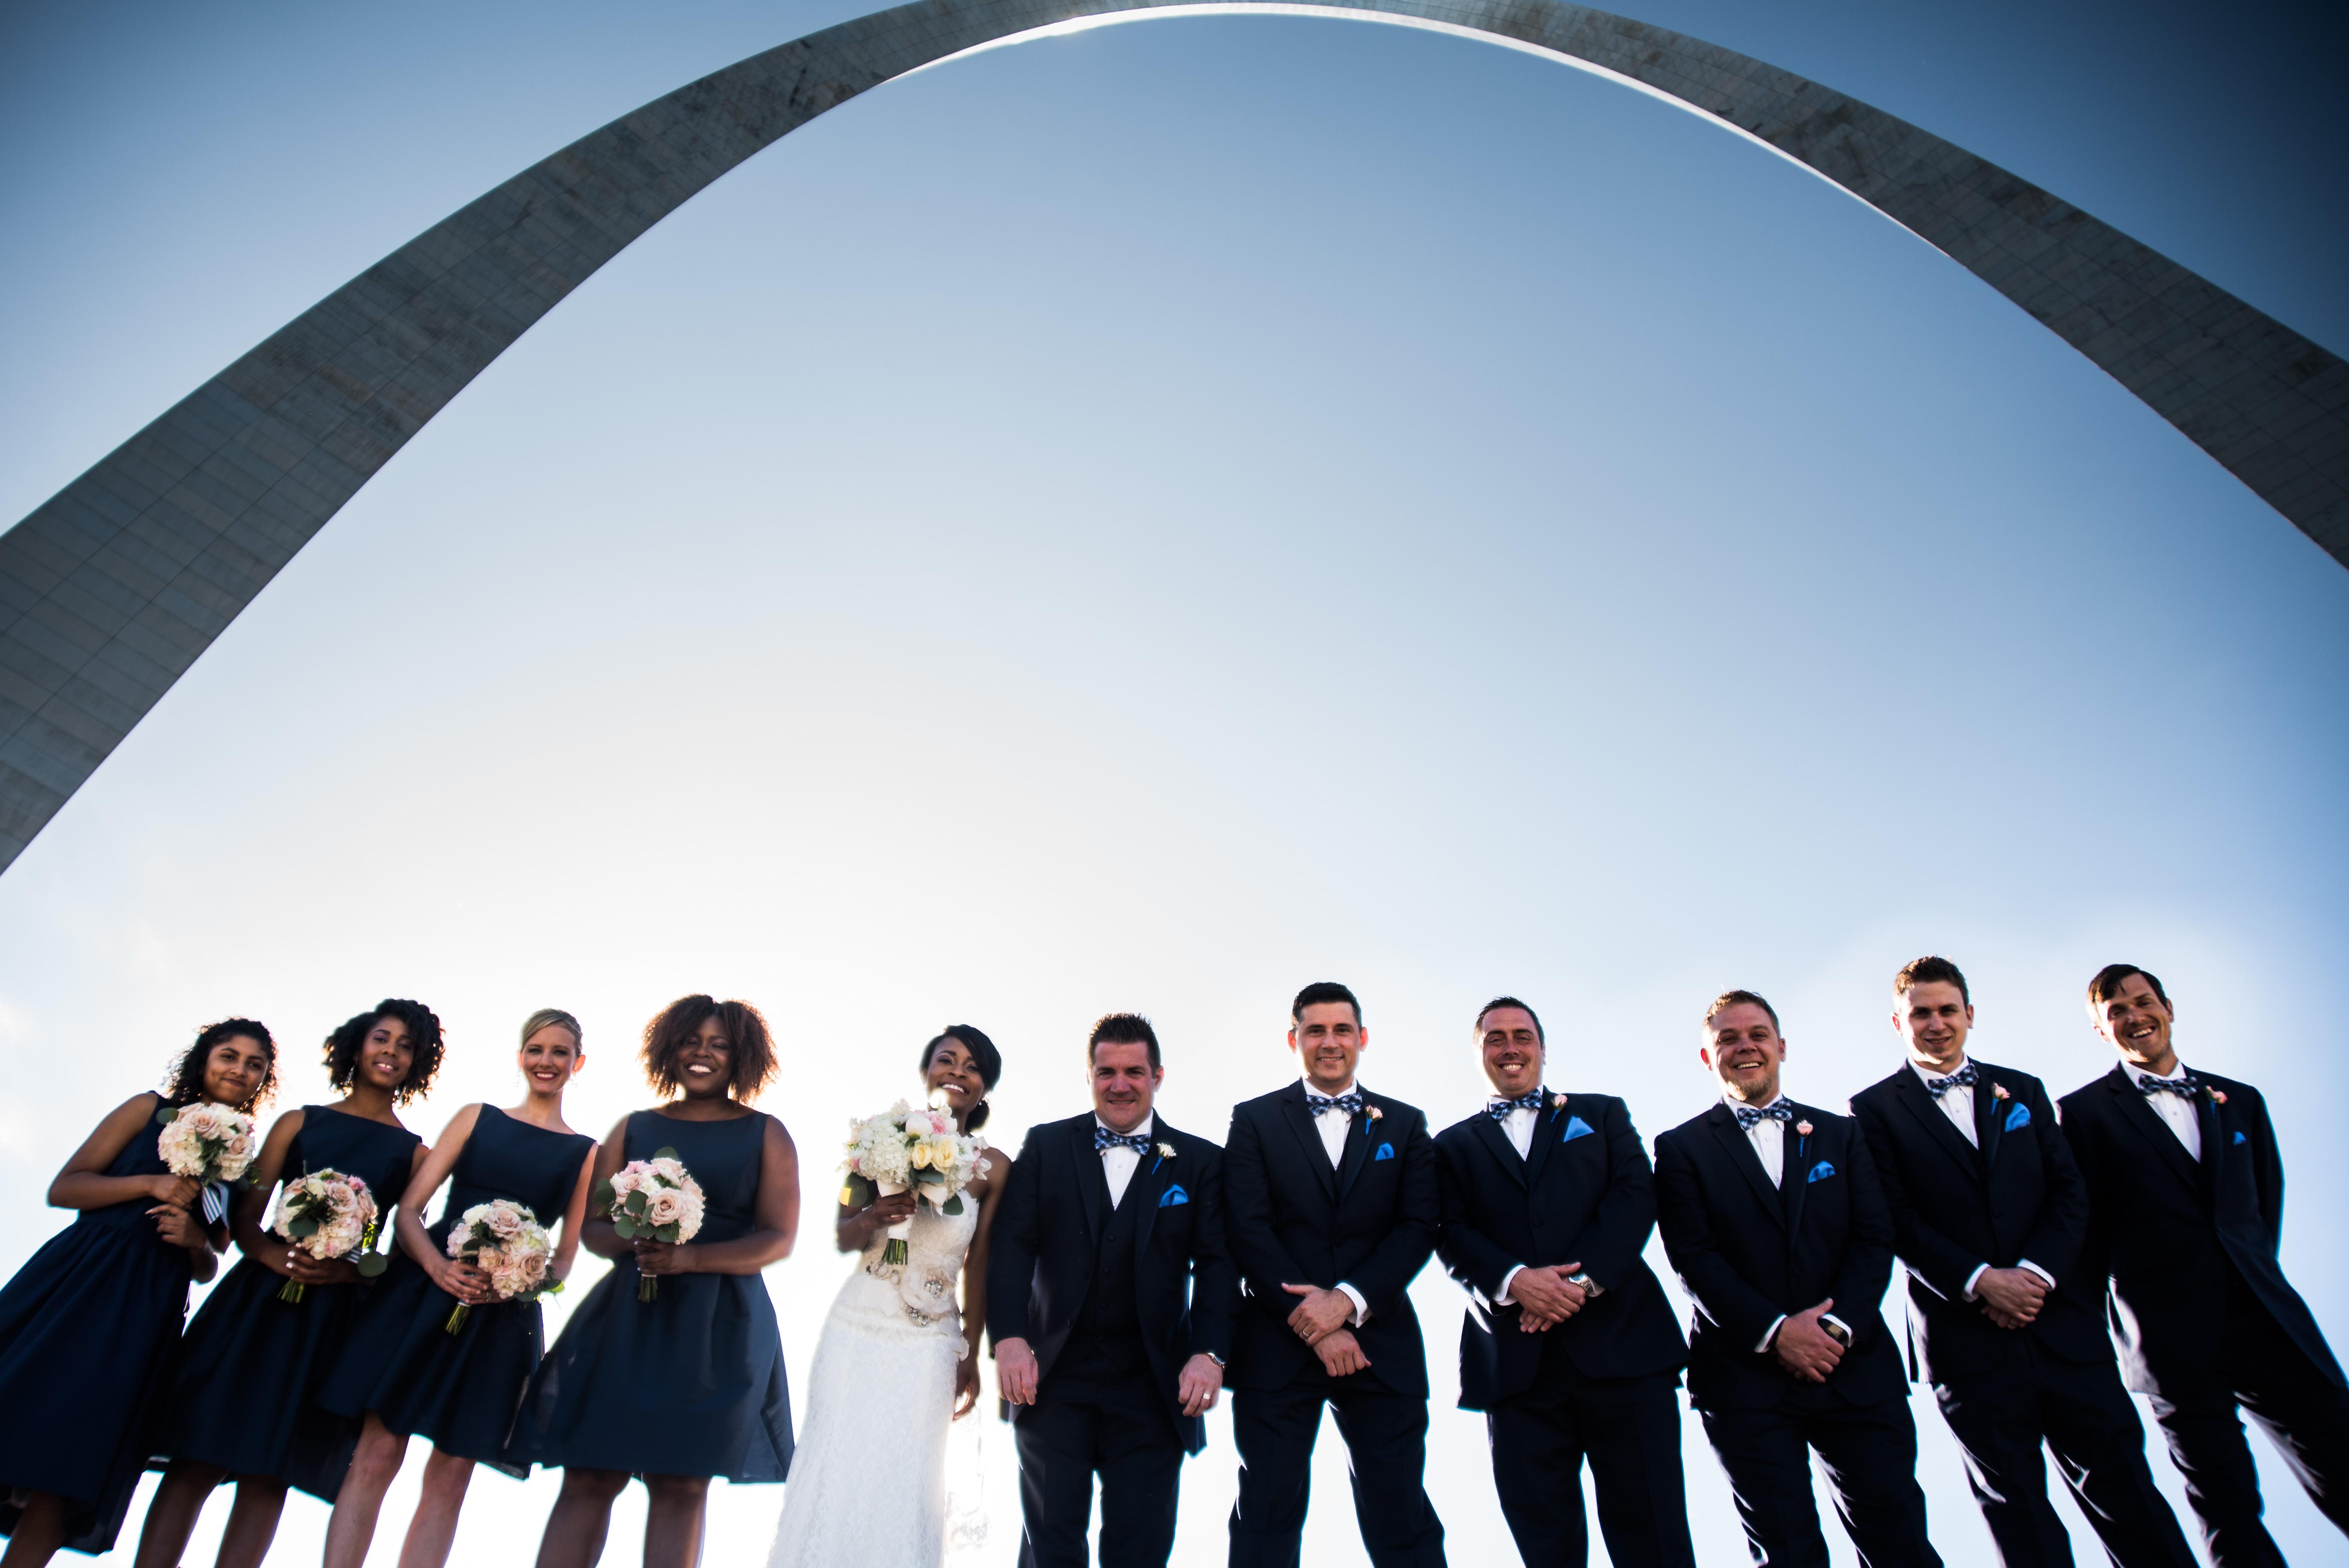 St Louis Arch Wedding